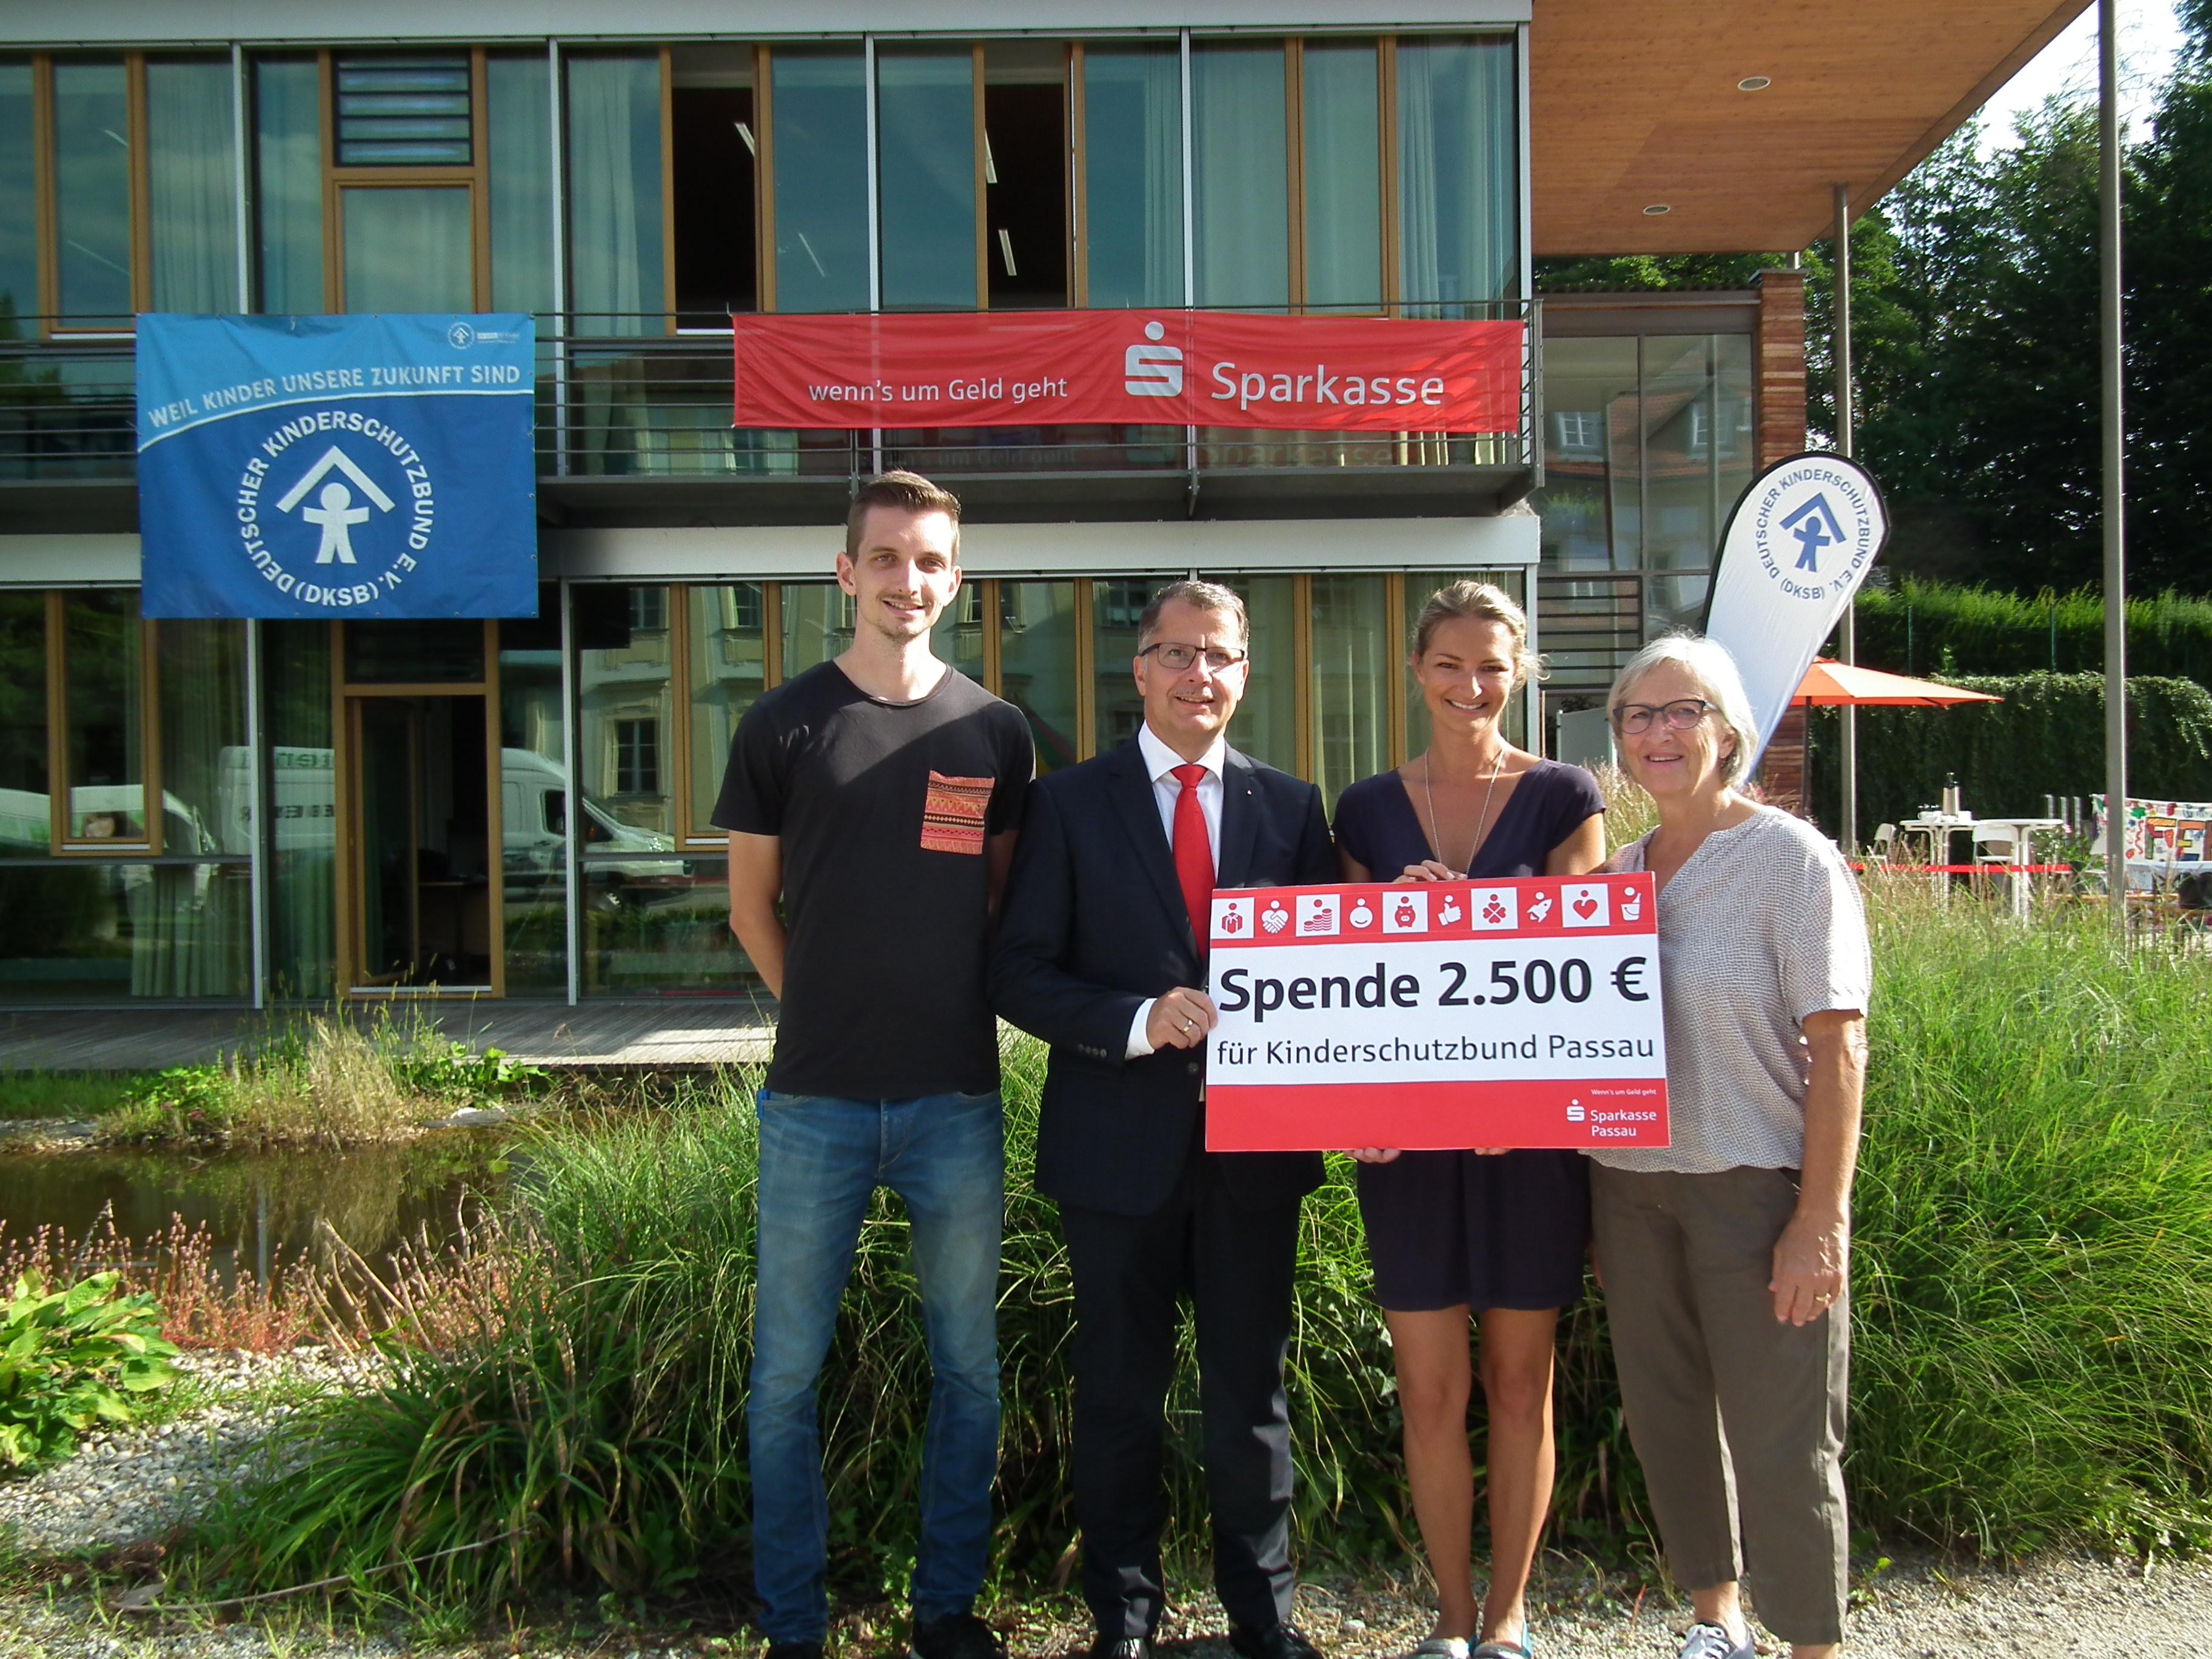 Sparkasse unterstützt den Kinderschutzbund mit 2.500 €